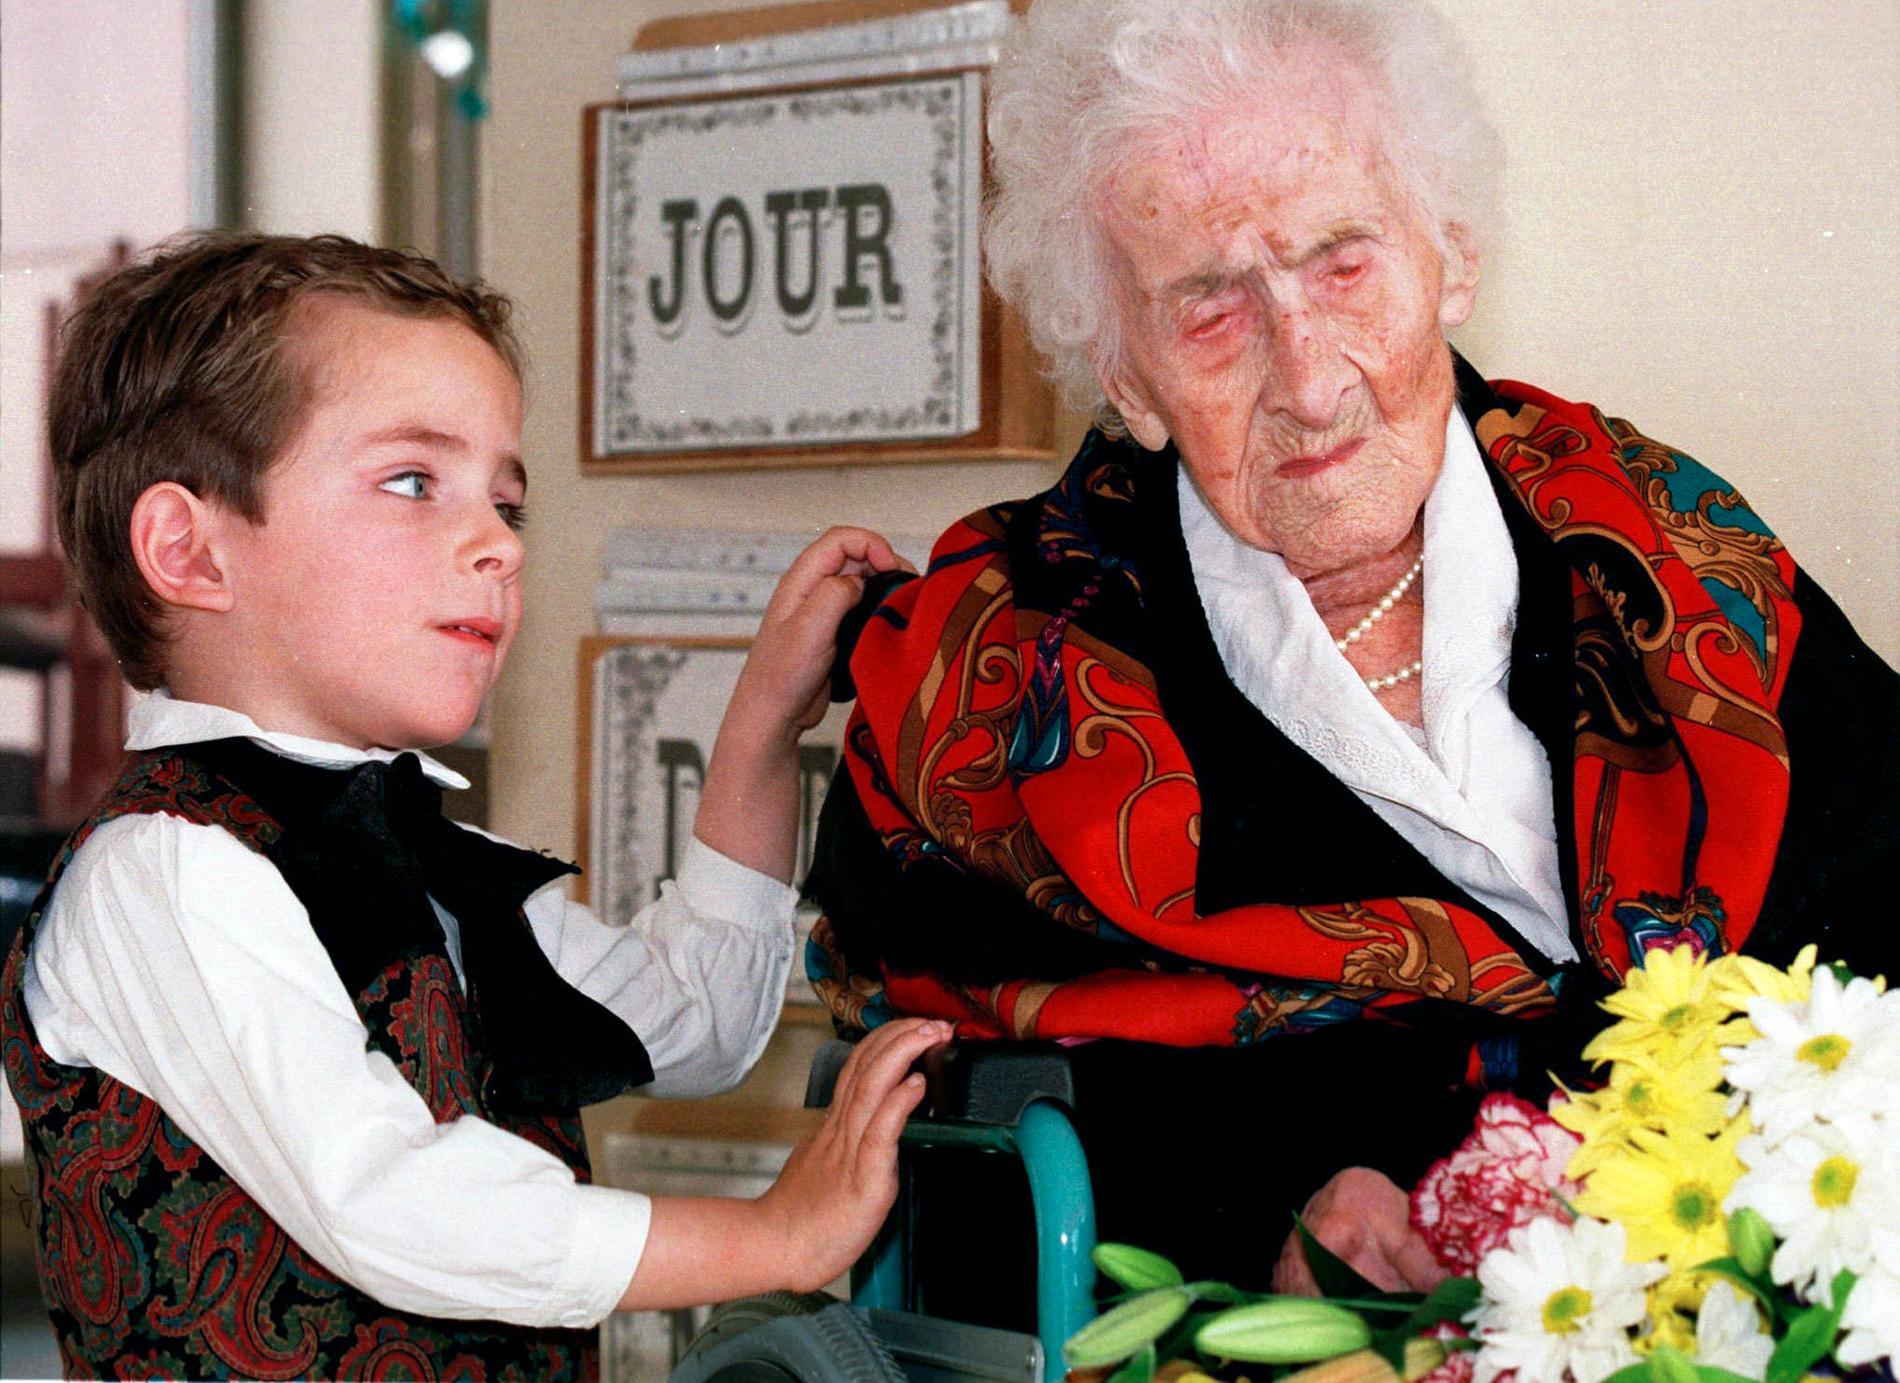 122-åriga Jeanne Calment, världens äldsta registrerade person, strax före sin död 1997. Arkivbild.